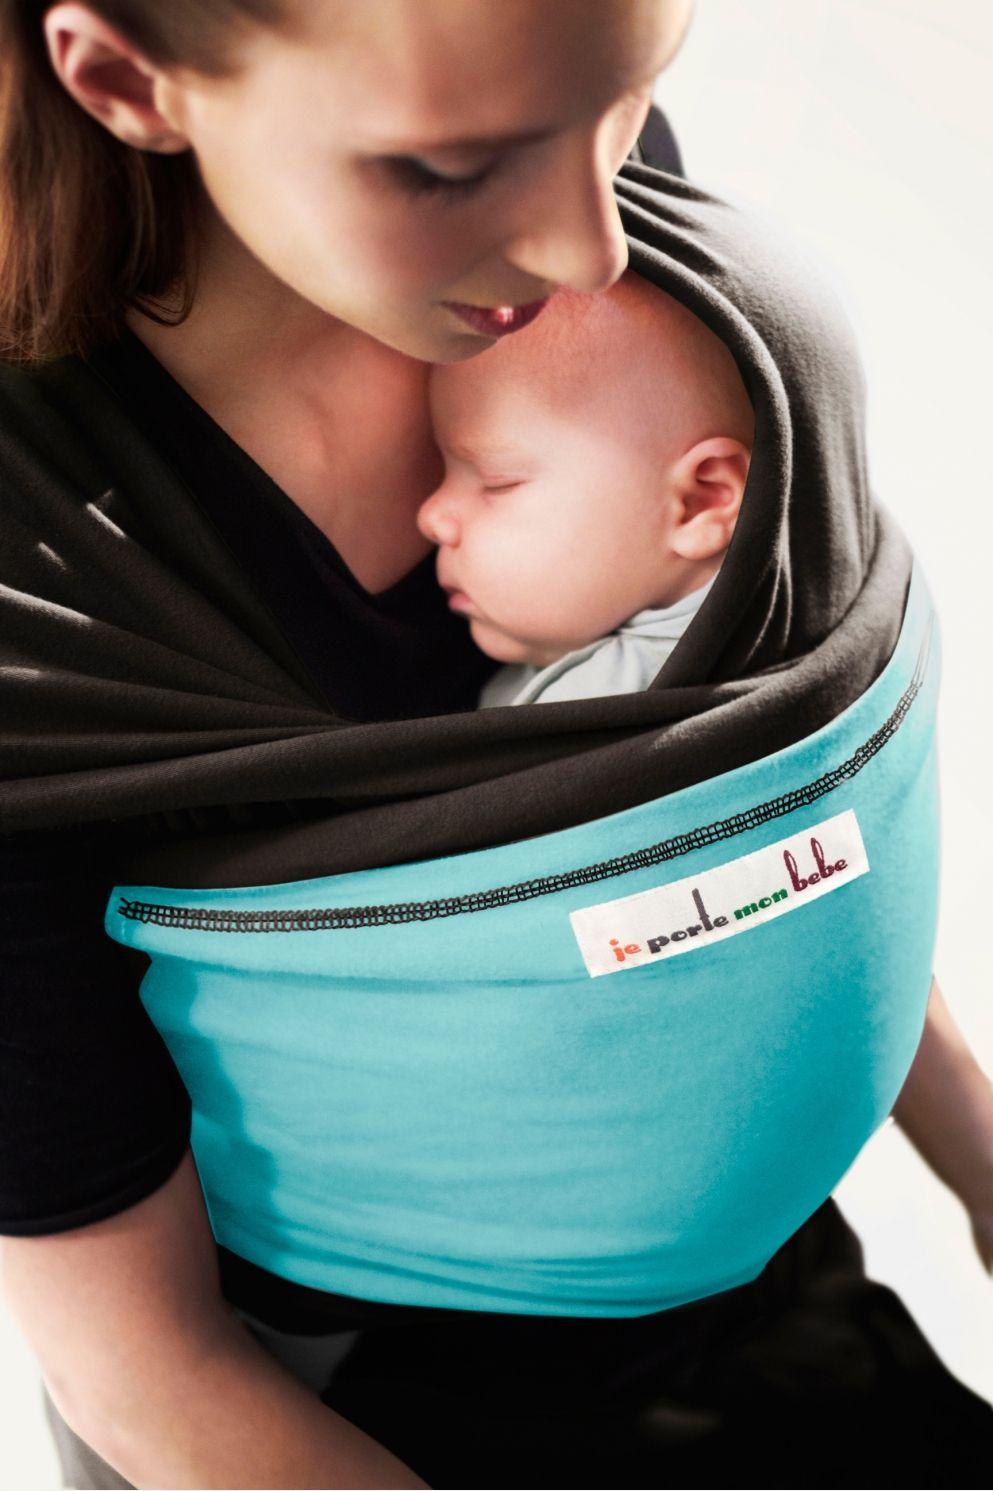 Echarpe de portage CAFE NOIR, poche Turquoise   JPMBB ®   Echarpe porte bébé b0531114a02